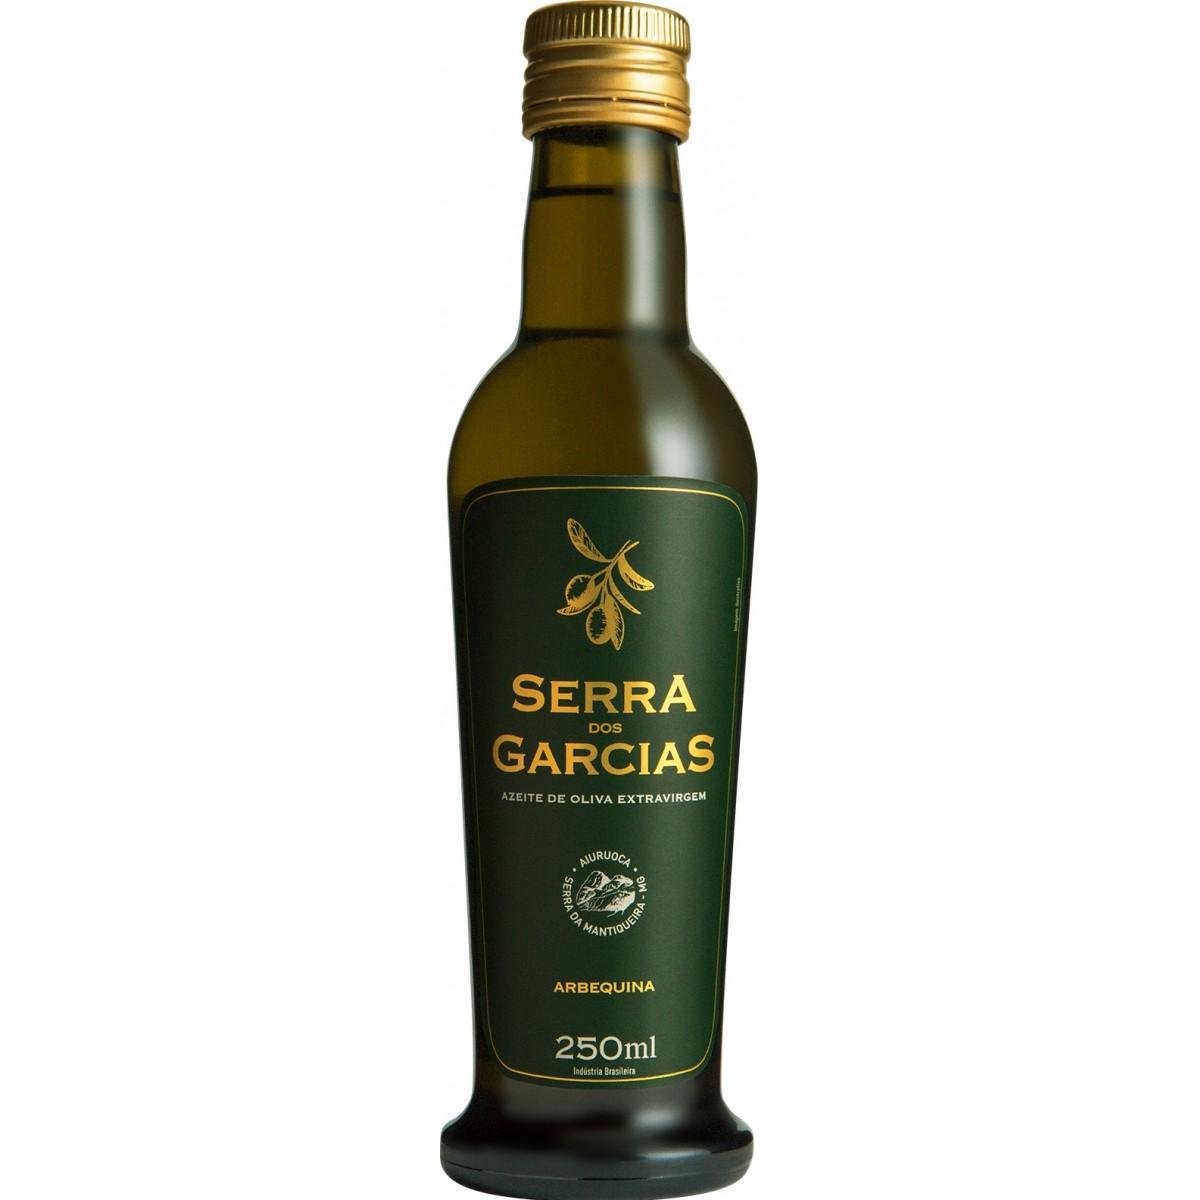 SAFRA 2020 - ARBEQUINA 250ml <br><br> Azeite de frutado maduro, aromas suaves, toques de banana e maçã, com fundos de grama recém cortada.  - Azeite Serra dos Garcias